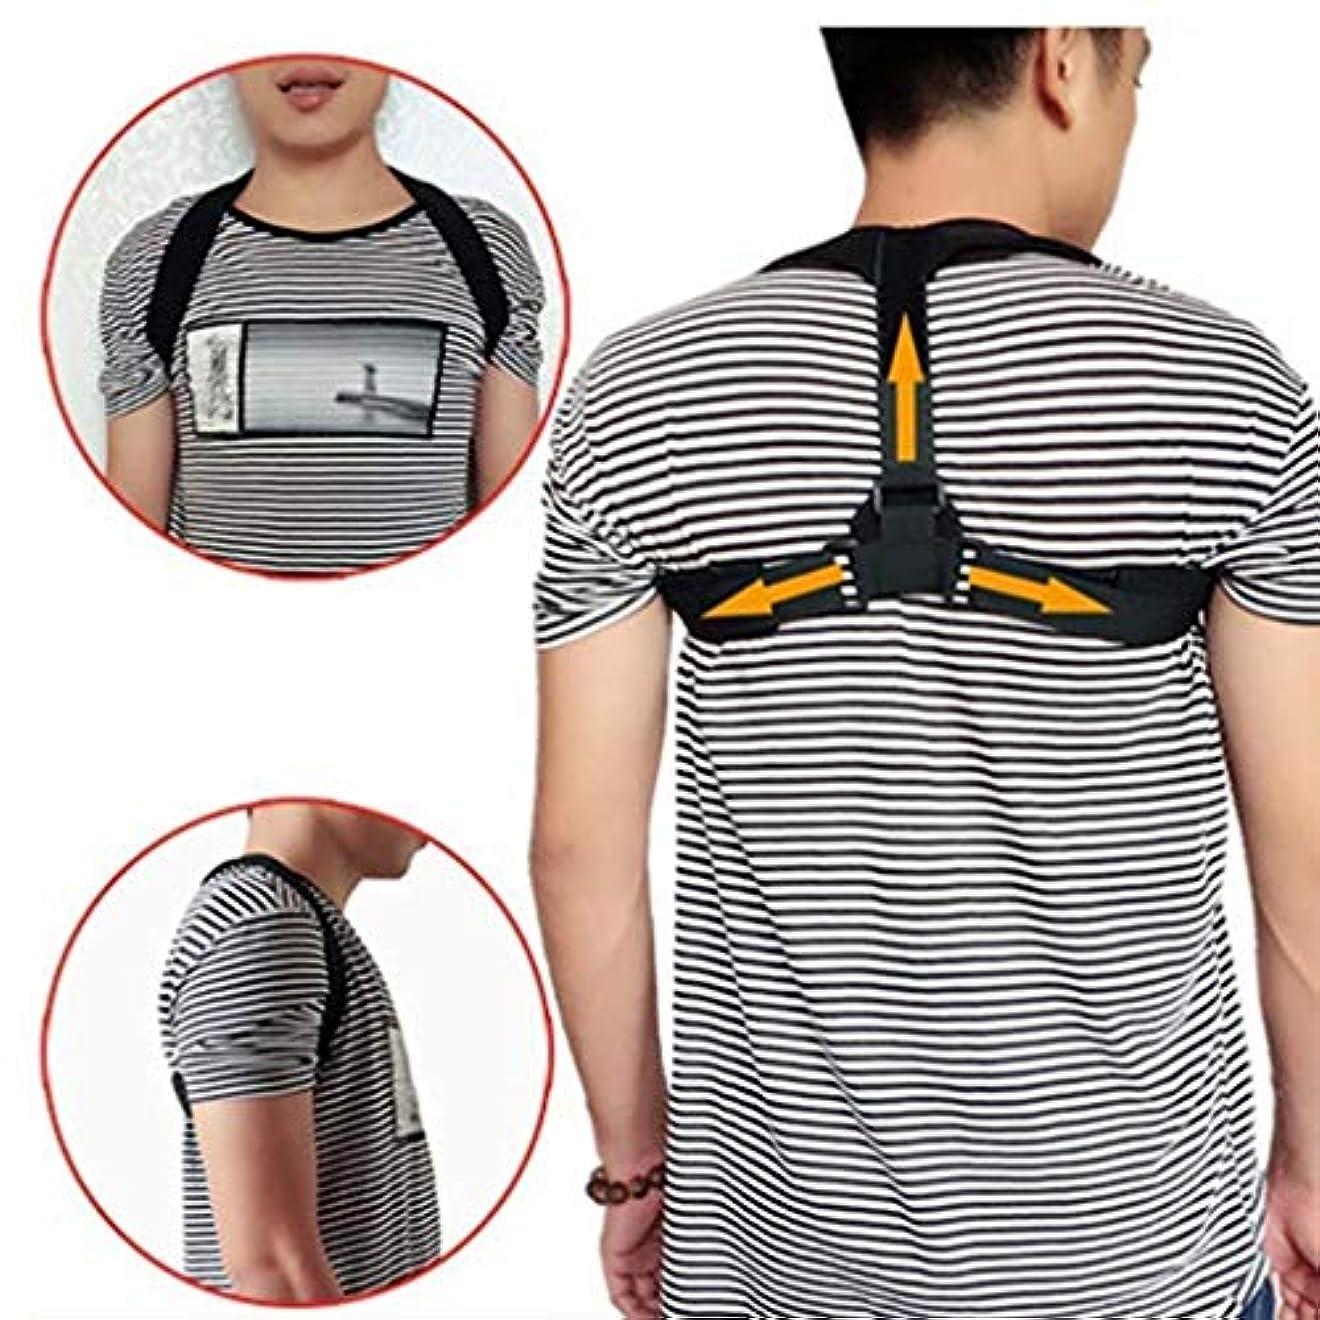 最小ヶ月目原油背中矯正ベルト、背中の姿勢ブレース、背中の曲がりの防止、筋肉の弛緩、姿勢の改善、ユニセックス